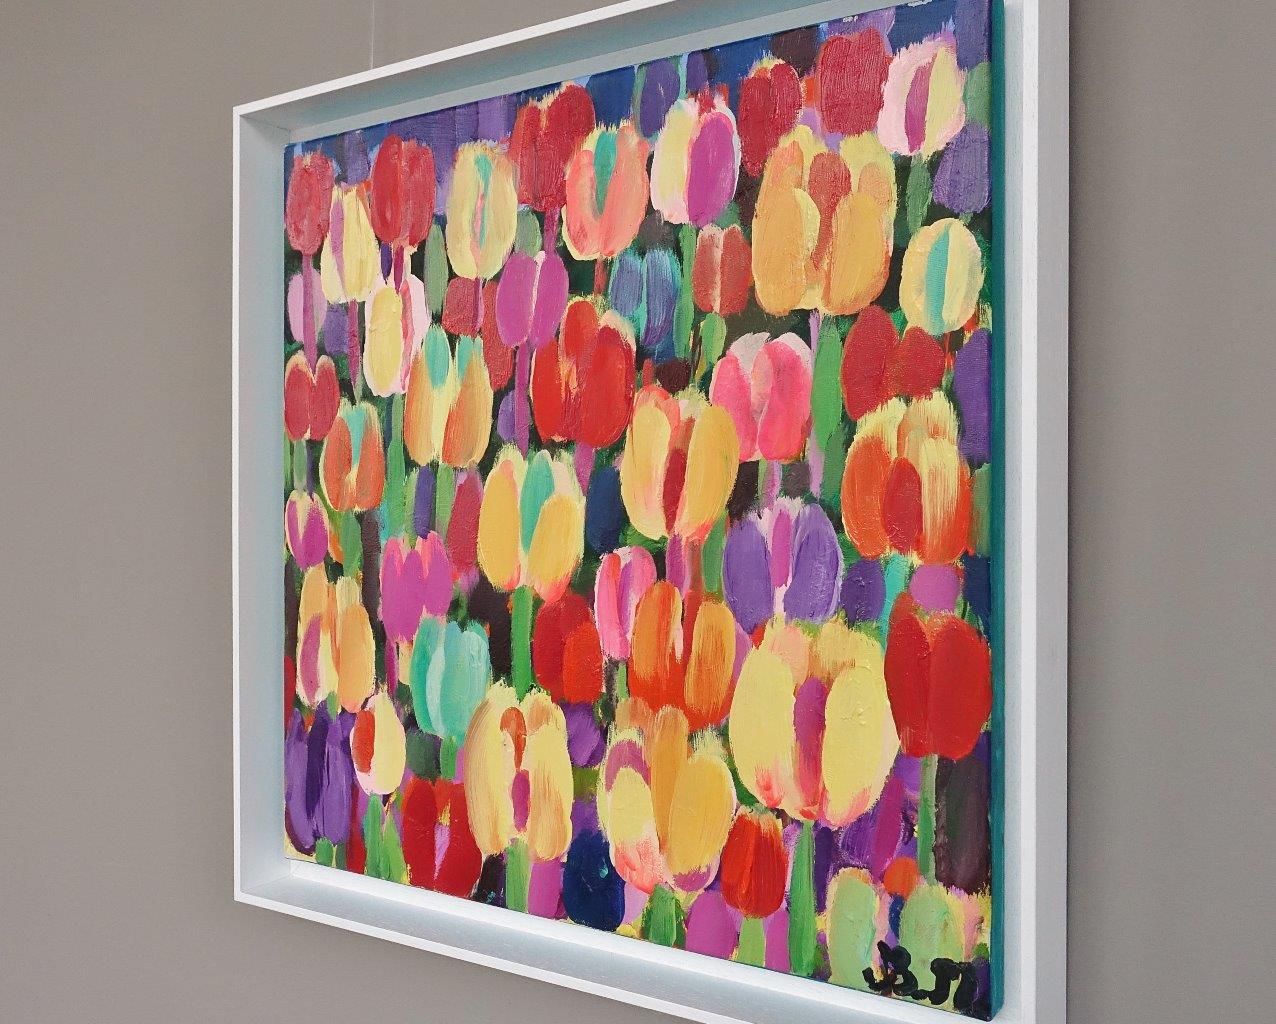 Beata Murawska : Tulips on the moon